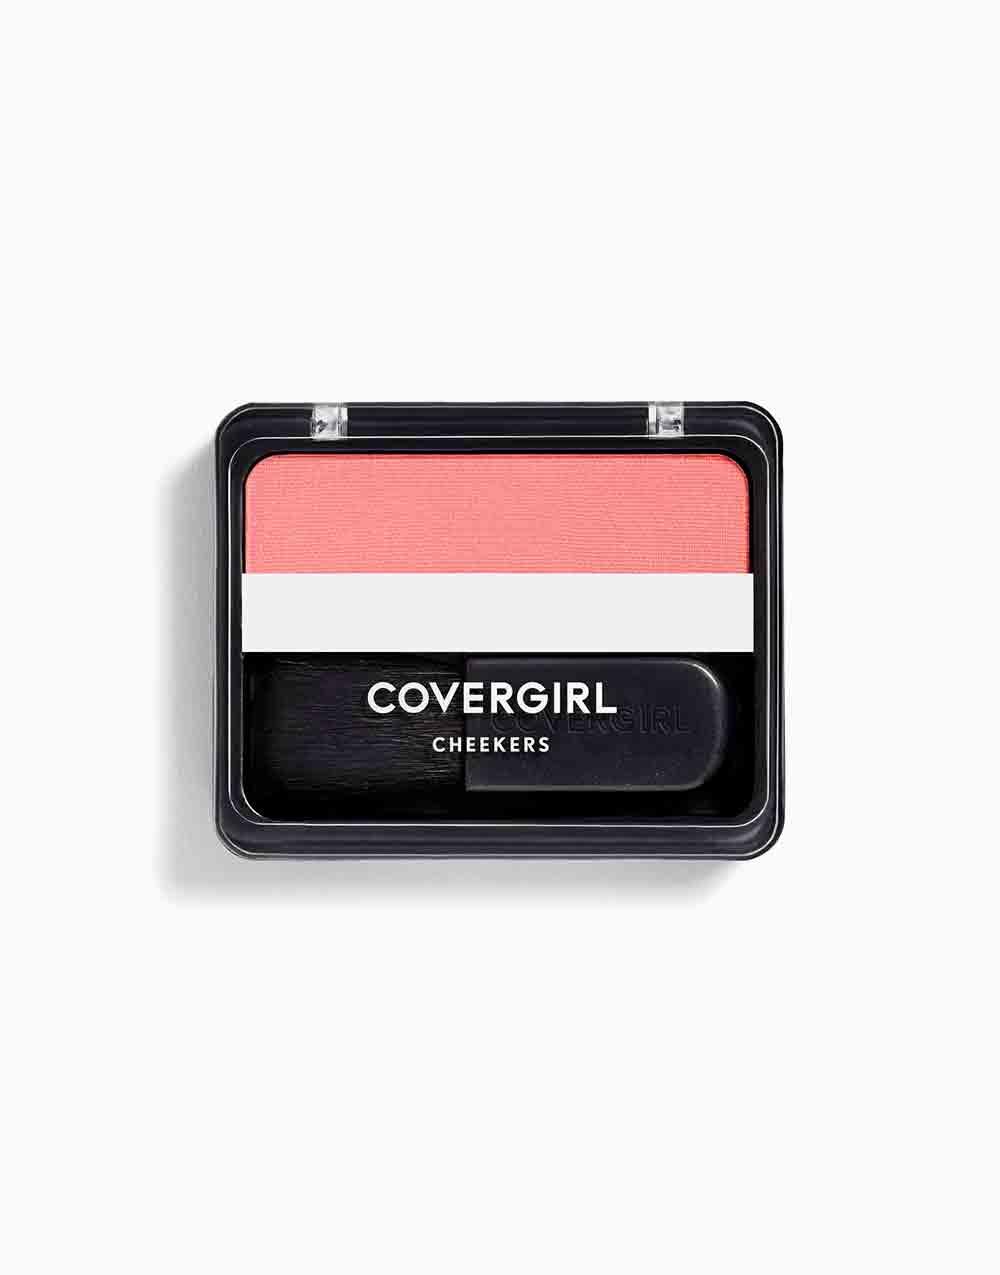 Cheekers Blush by CoverGirl | Pretty Peach